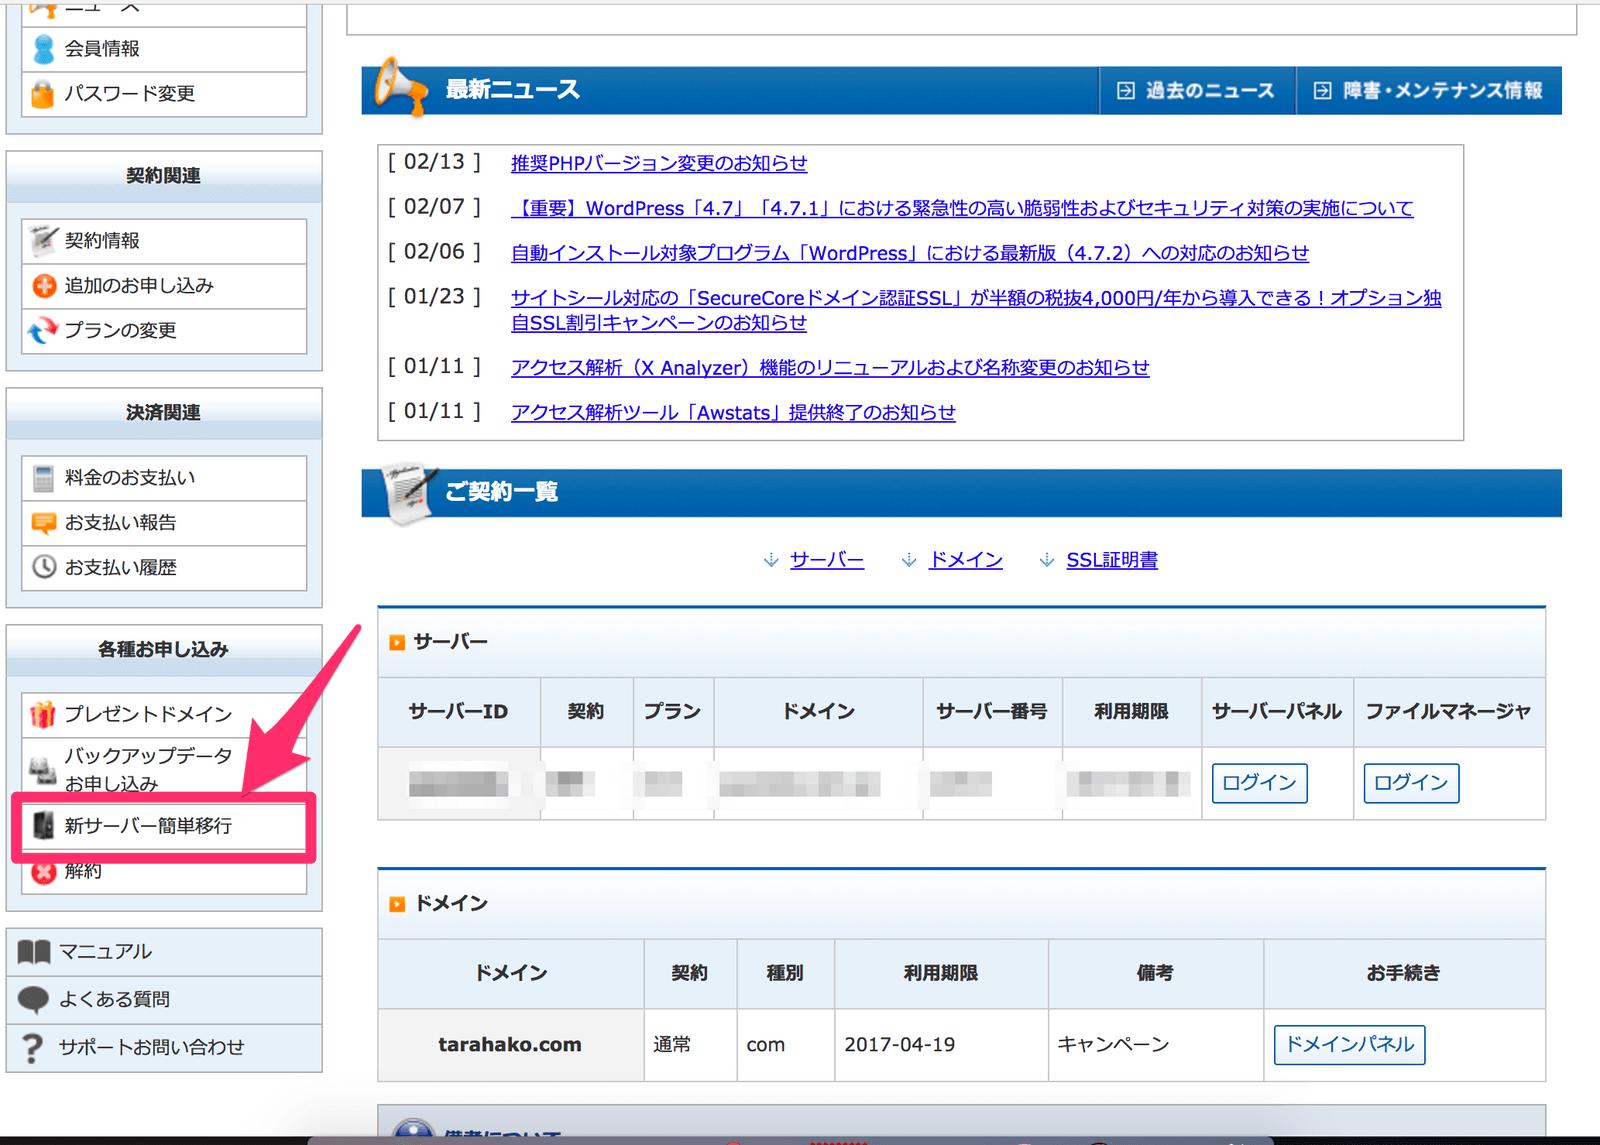 エックスサーバーのインフォパネルからデータコピー申請をする